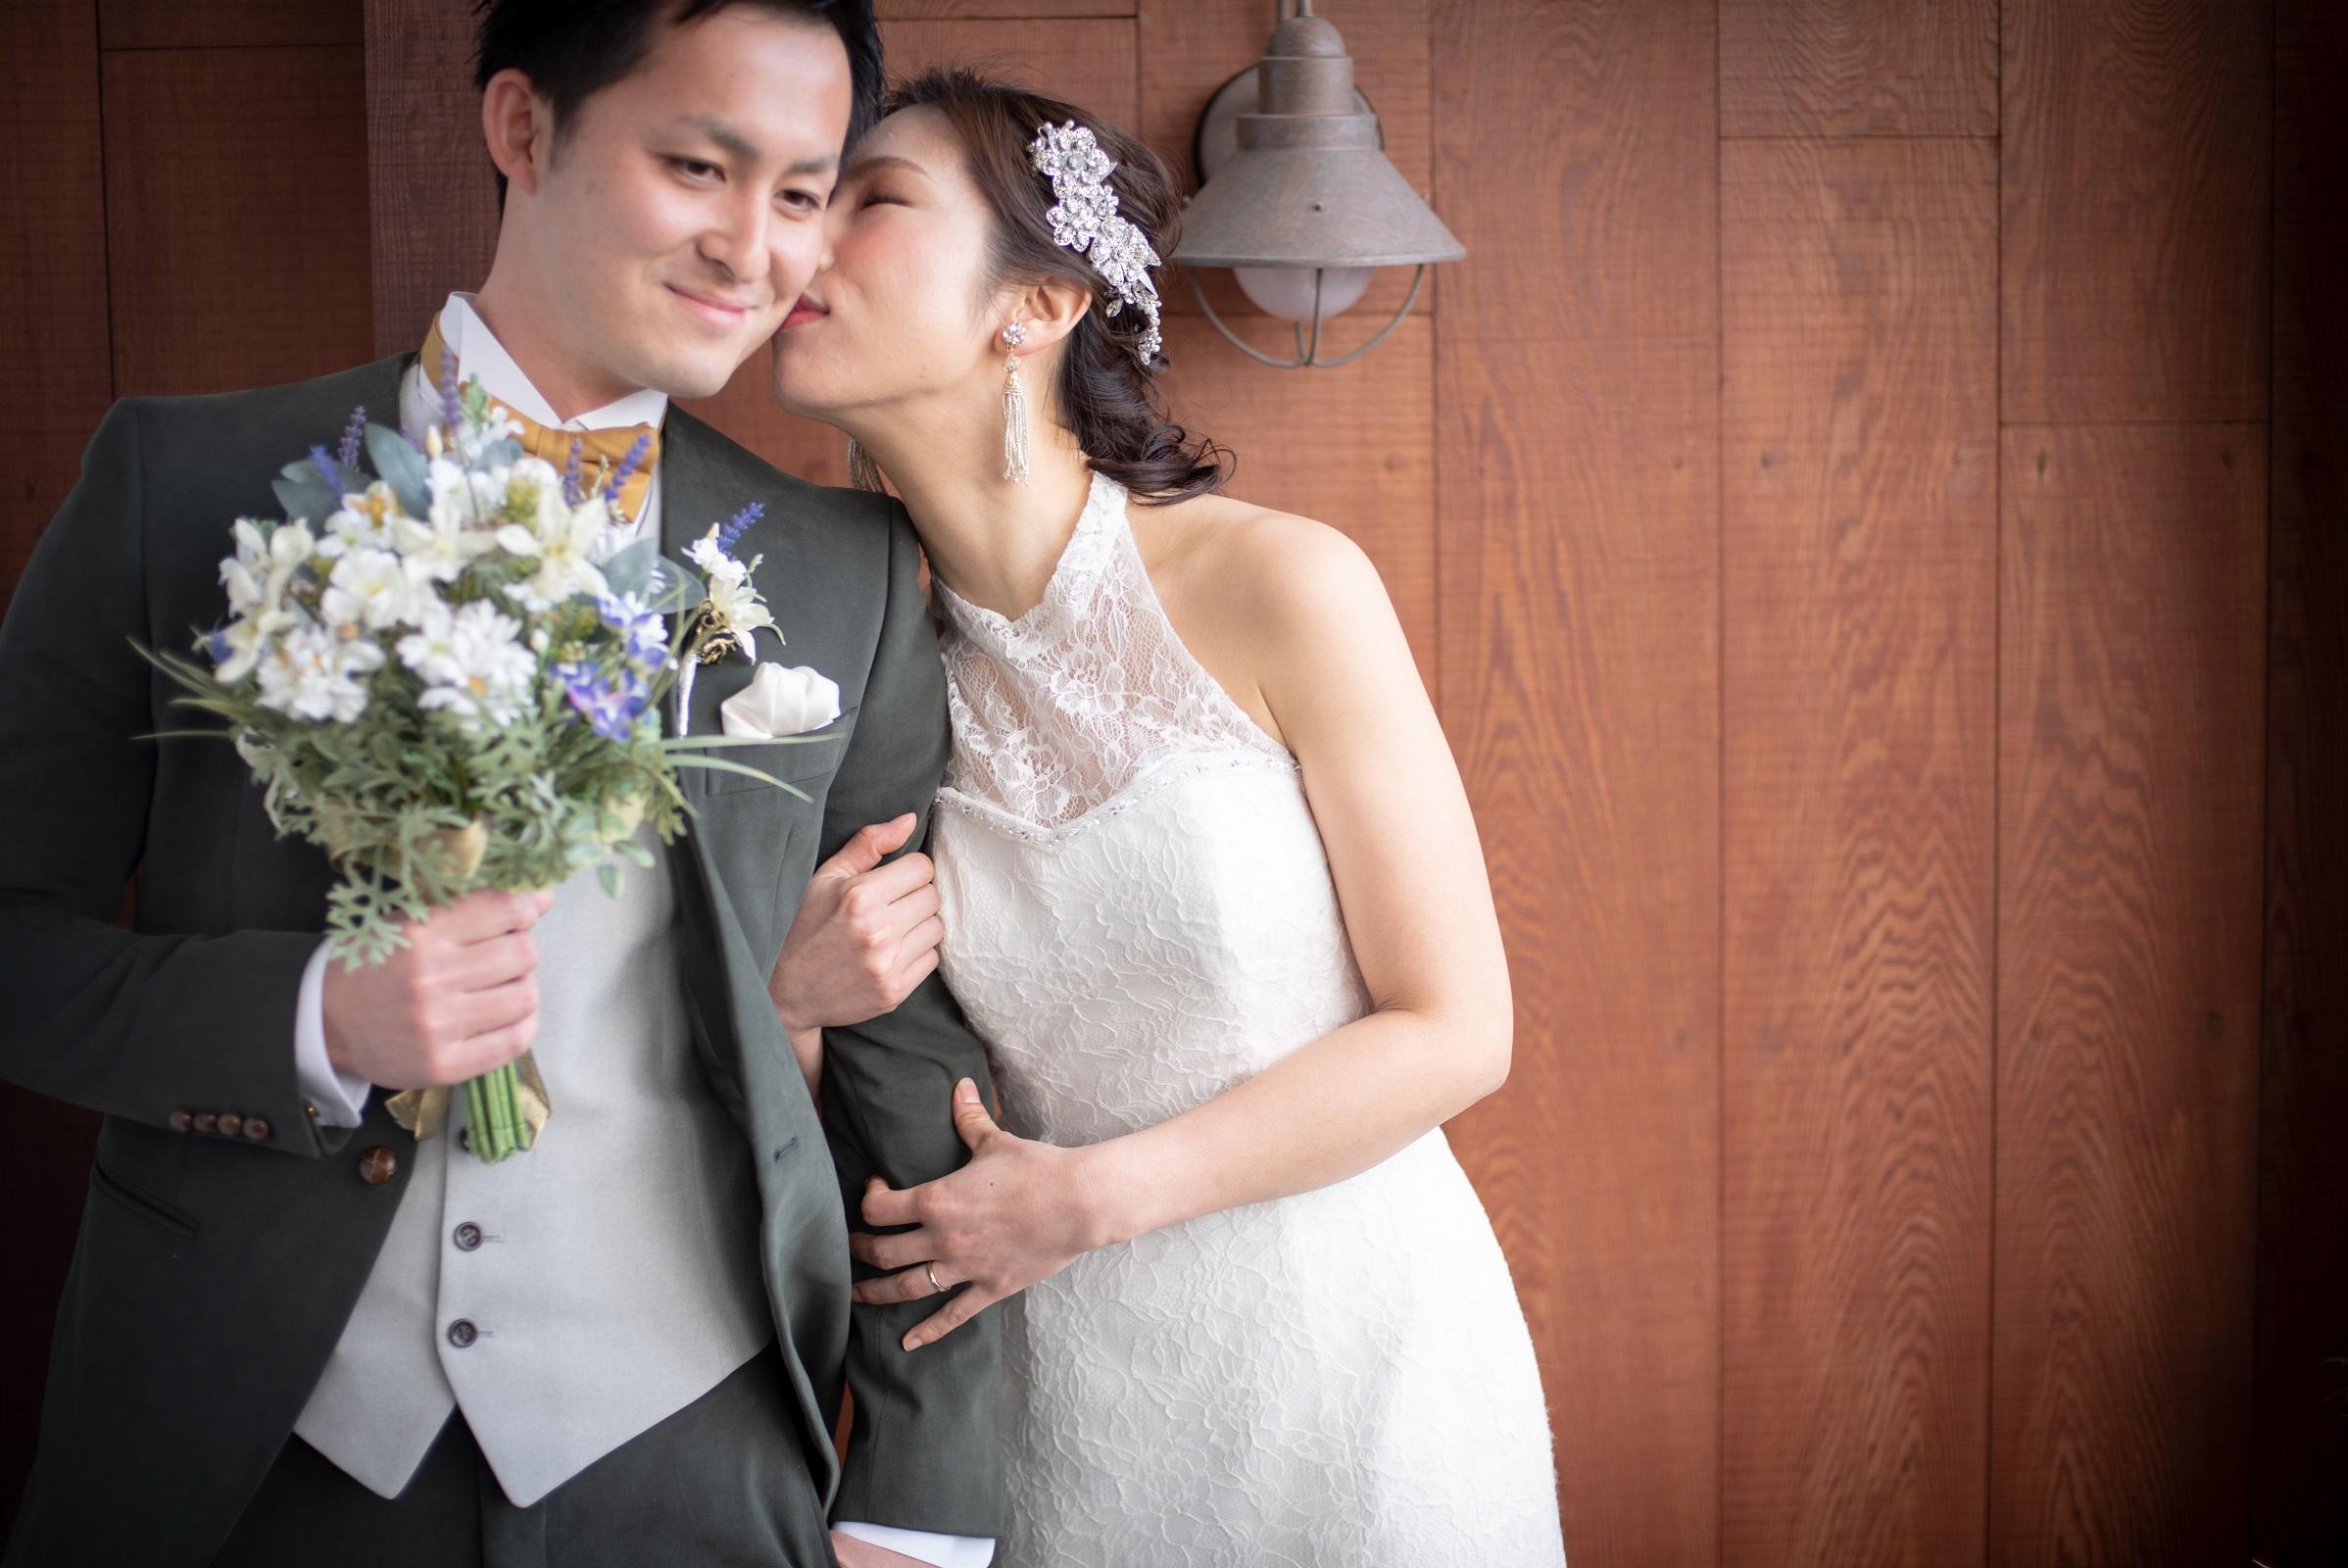 香川県高松市の小さな結婚式紹介所マリマリコンシェルジュでフォト婚